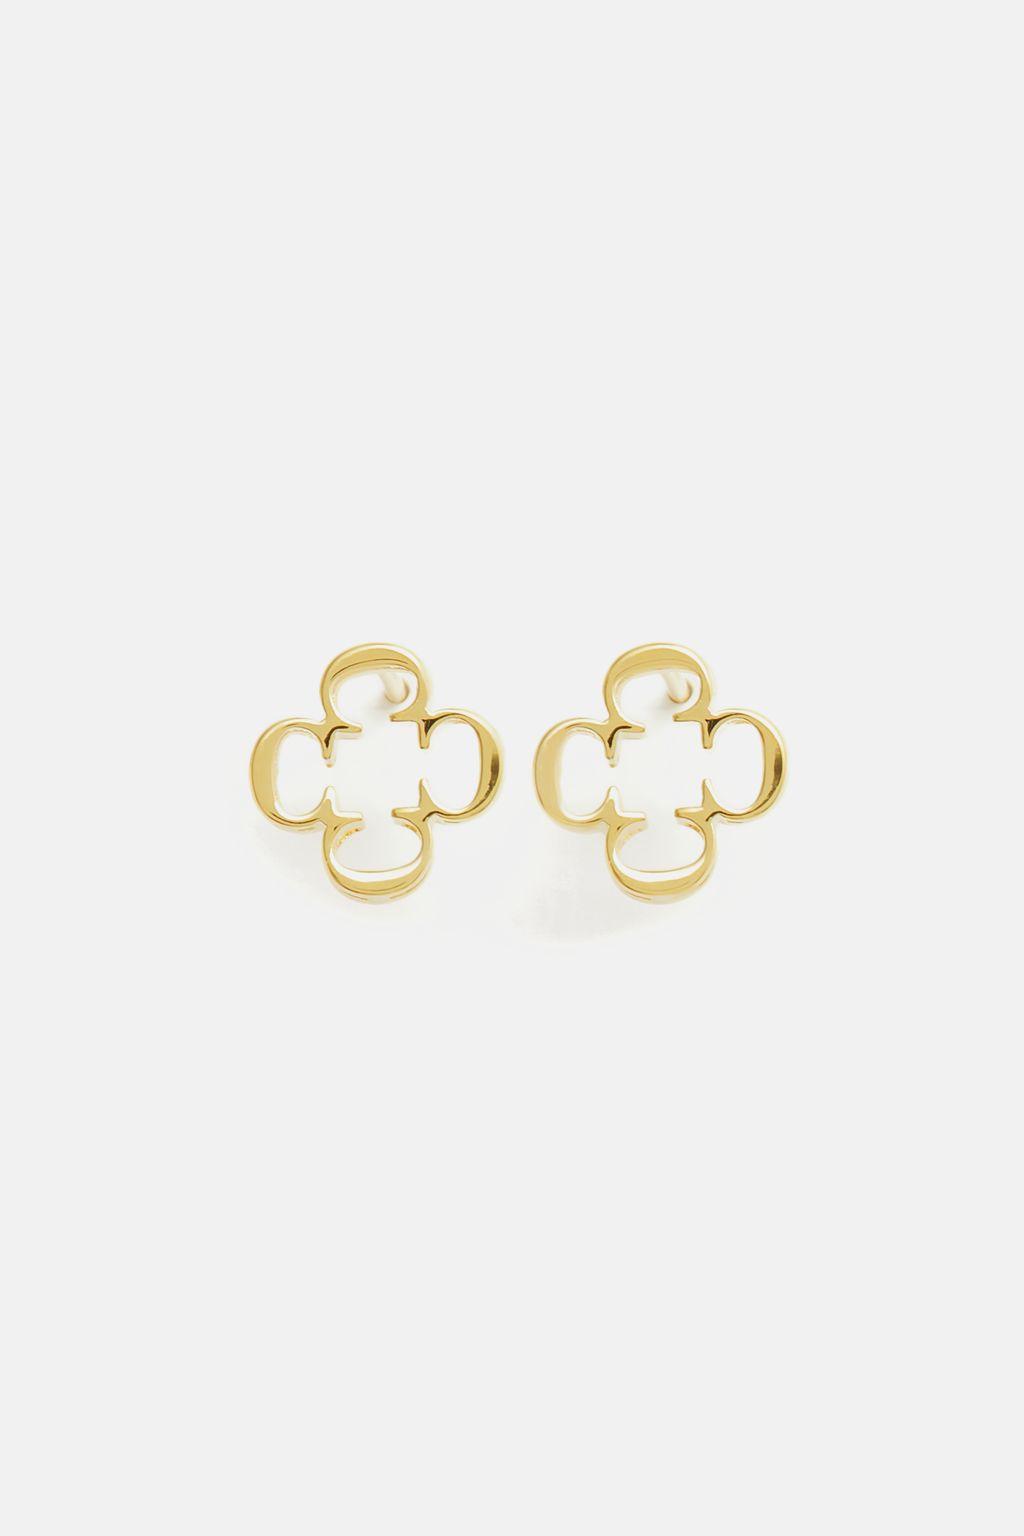 Small Insignia Rosetta earrings